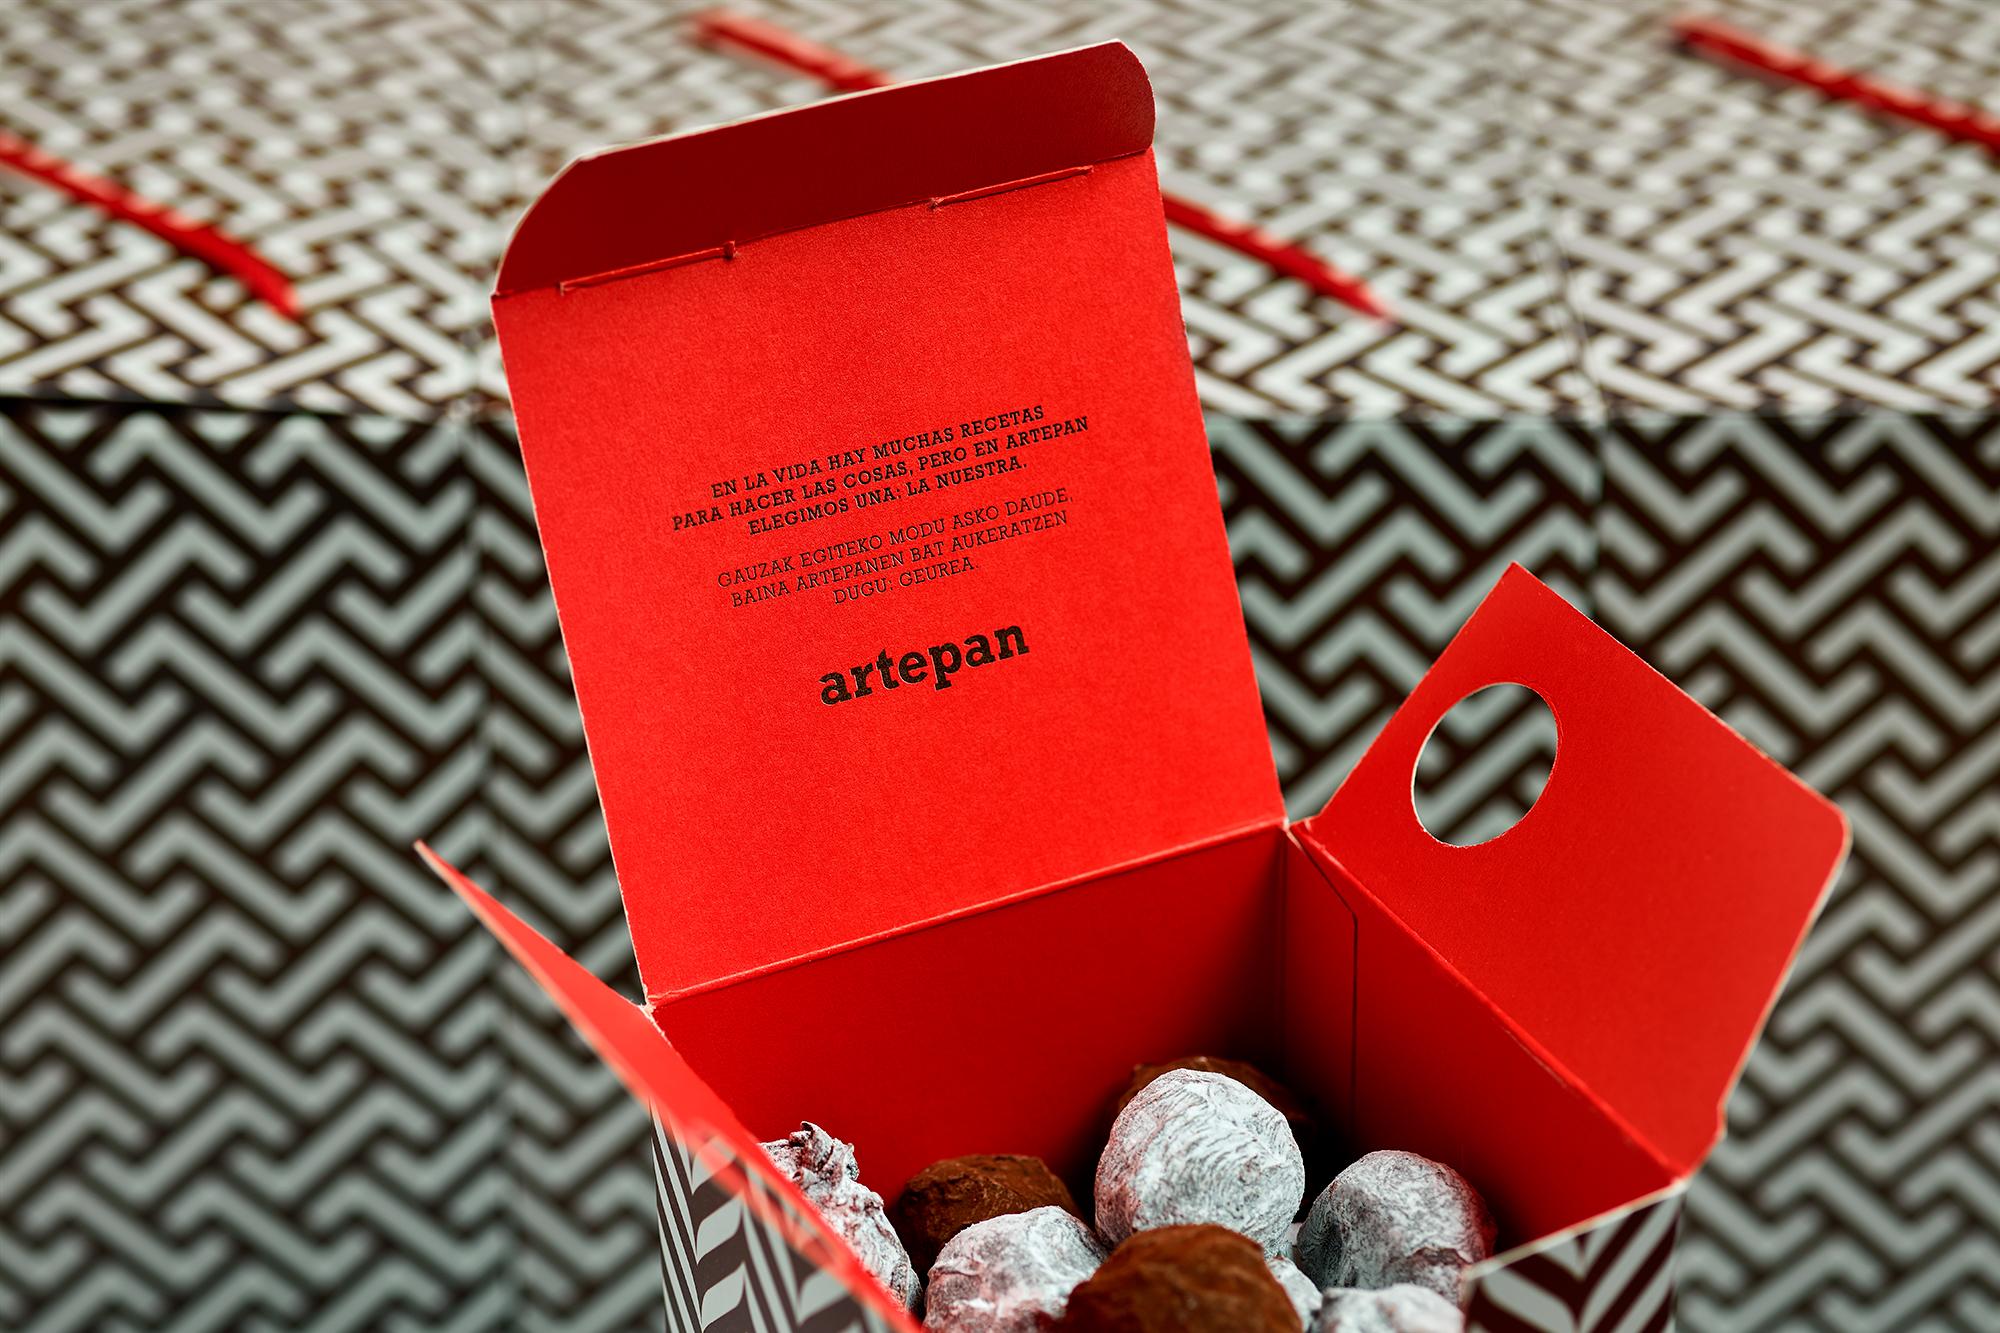 Artepan-packaging-5